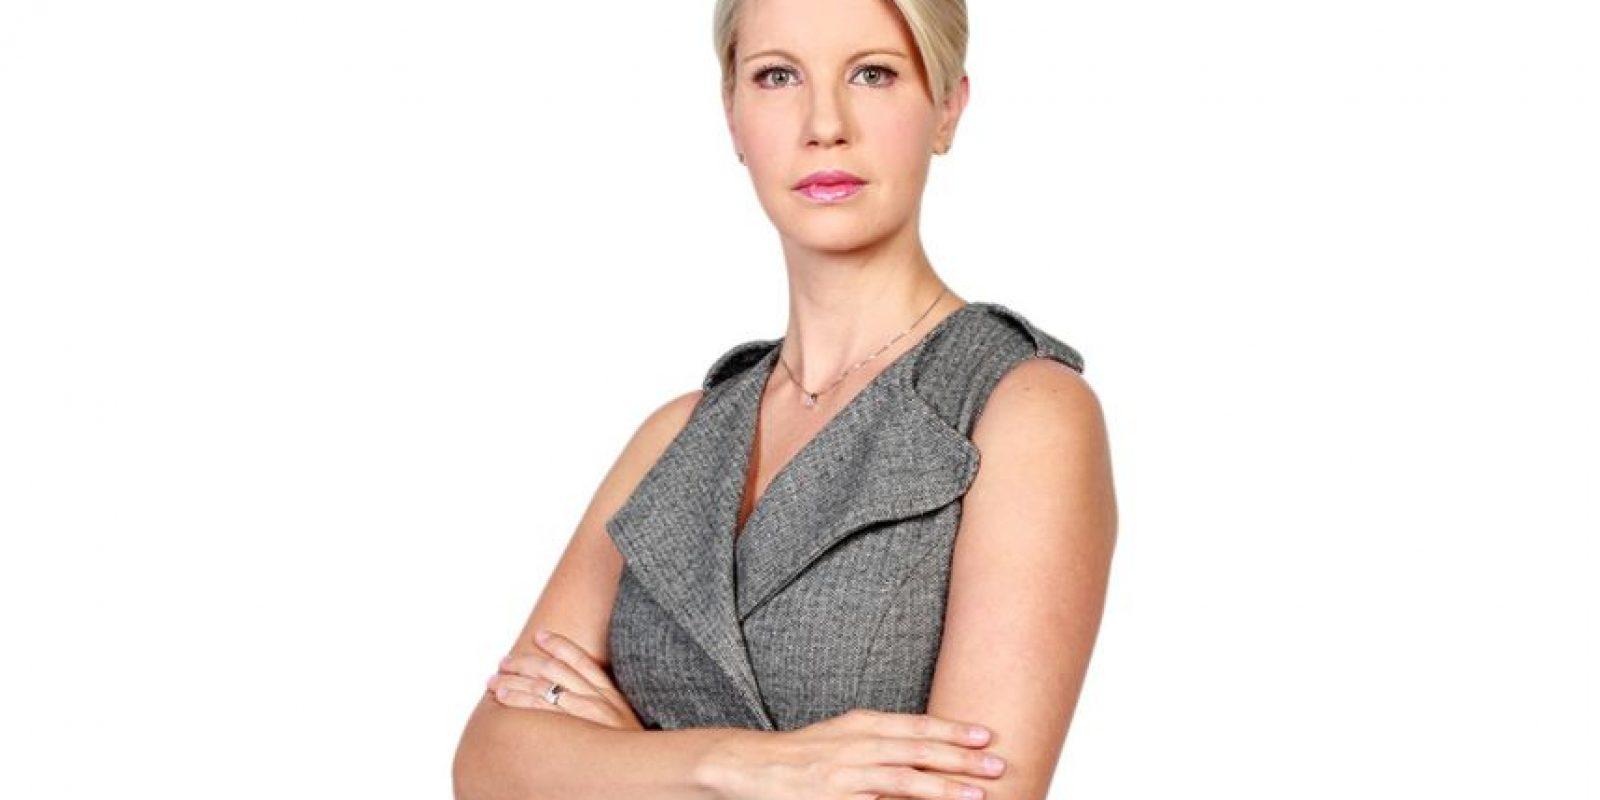 Claudia Gurisatti. La periodista abandonó el país y se radicó en Panamá luego de que la Fiscalía la atertara de un plan que existía para asesinarla. Foto:Cortesía RCN